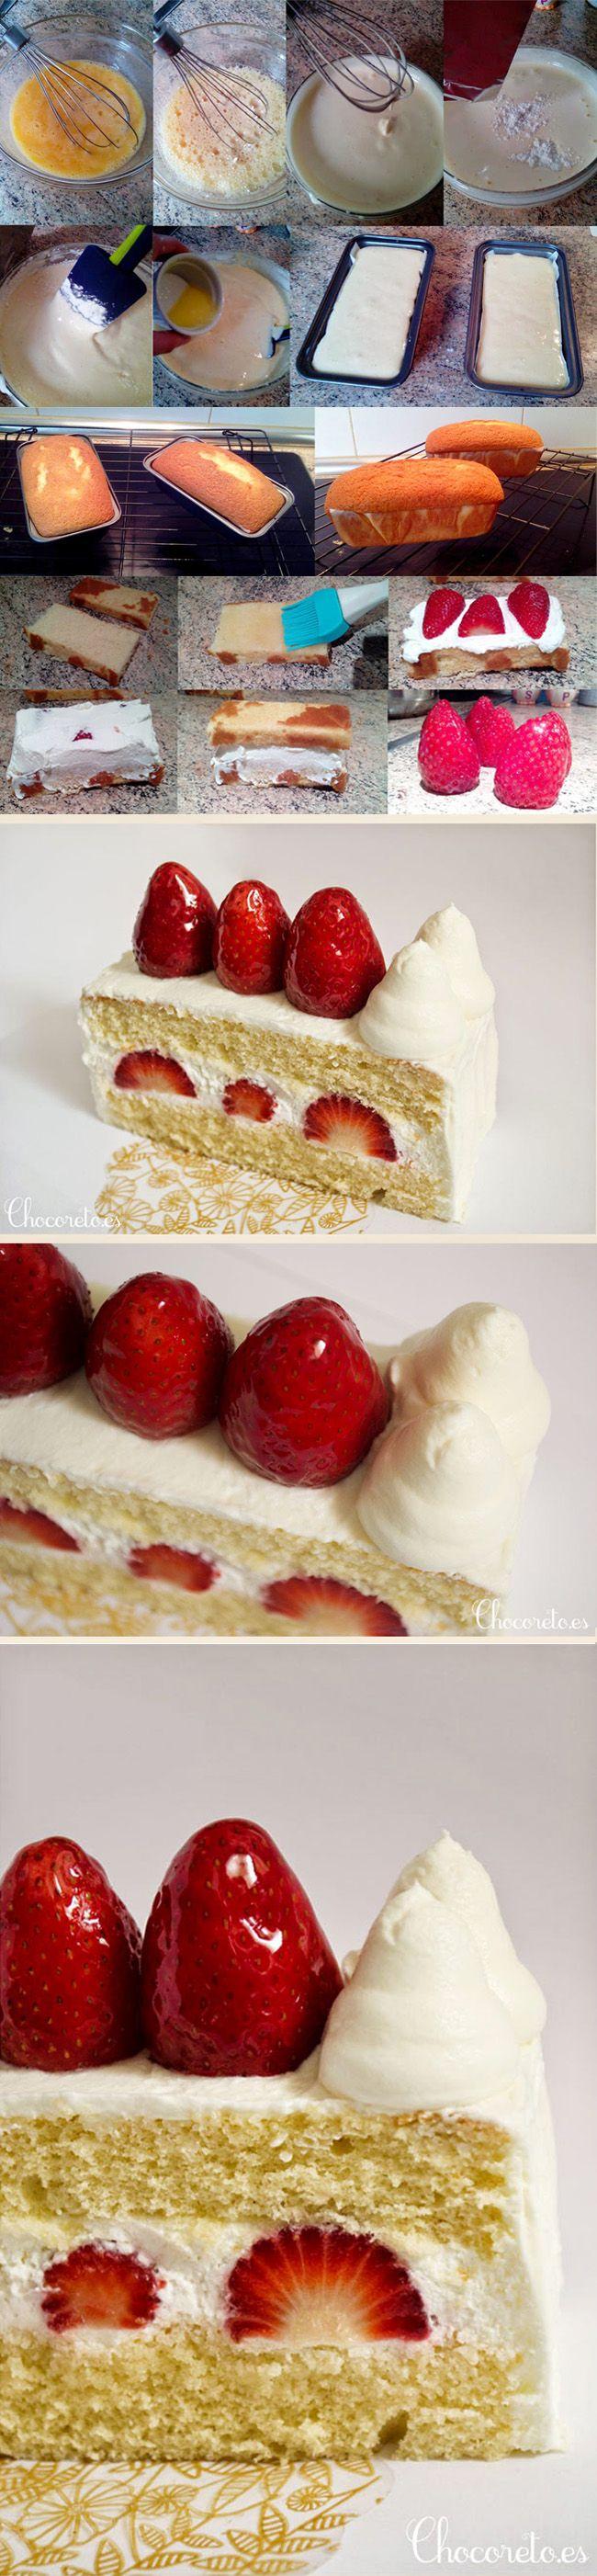 pastel-fresas-japones-shortcake-pecados de reposteria-3